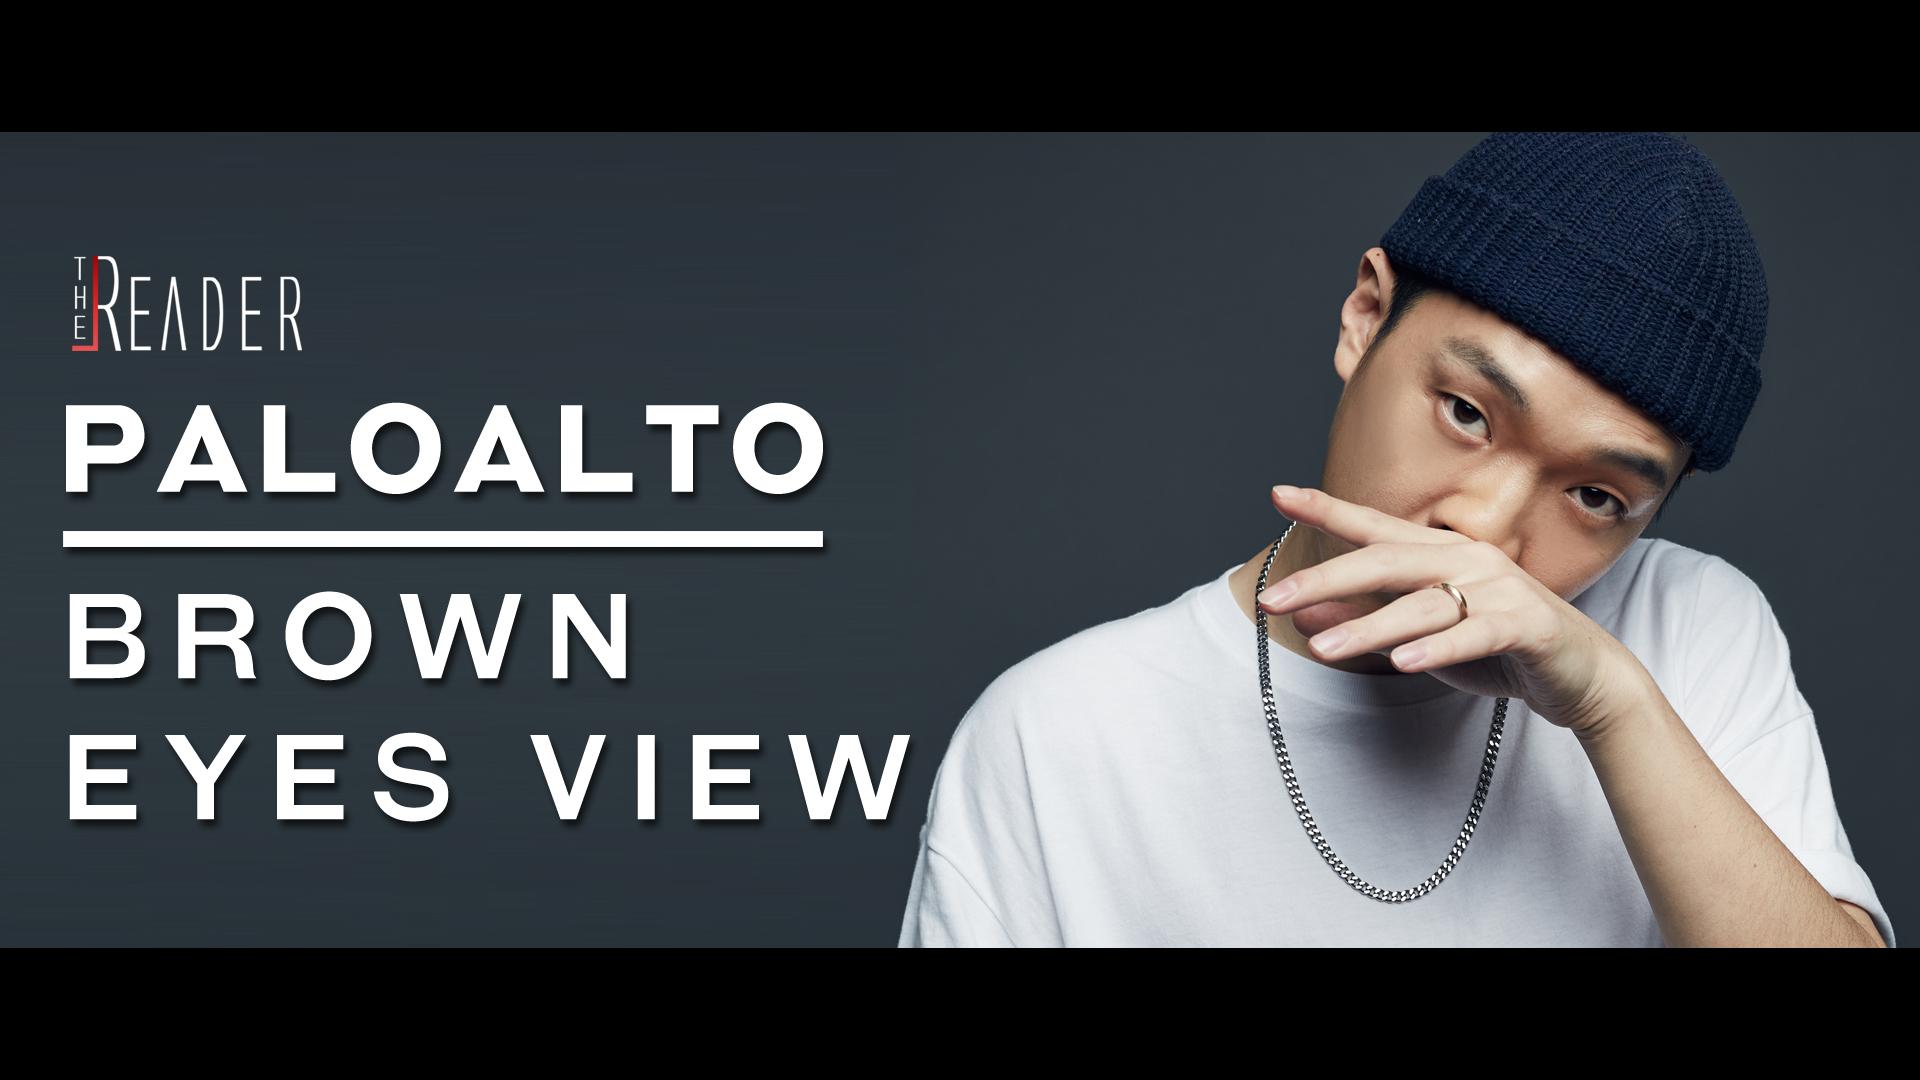 [더 리더] 팔로알토의 갈색 눈으로 바라보는 세상 <Brown Eyes View>